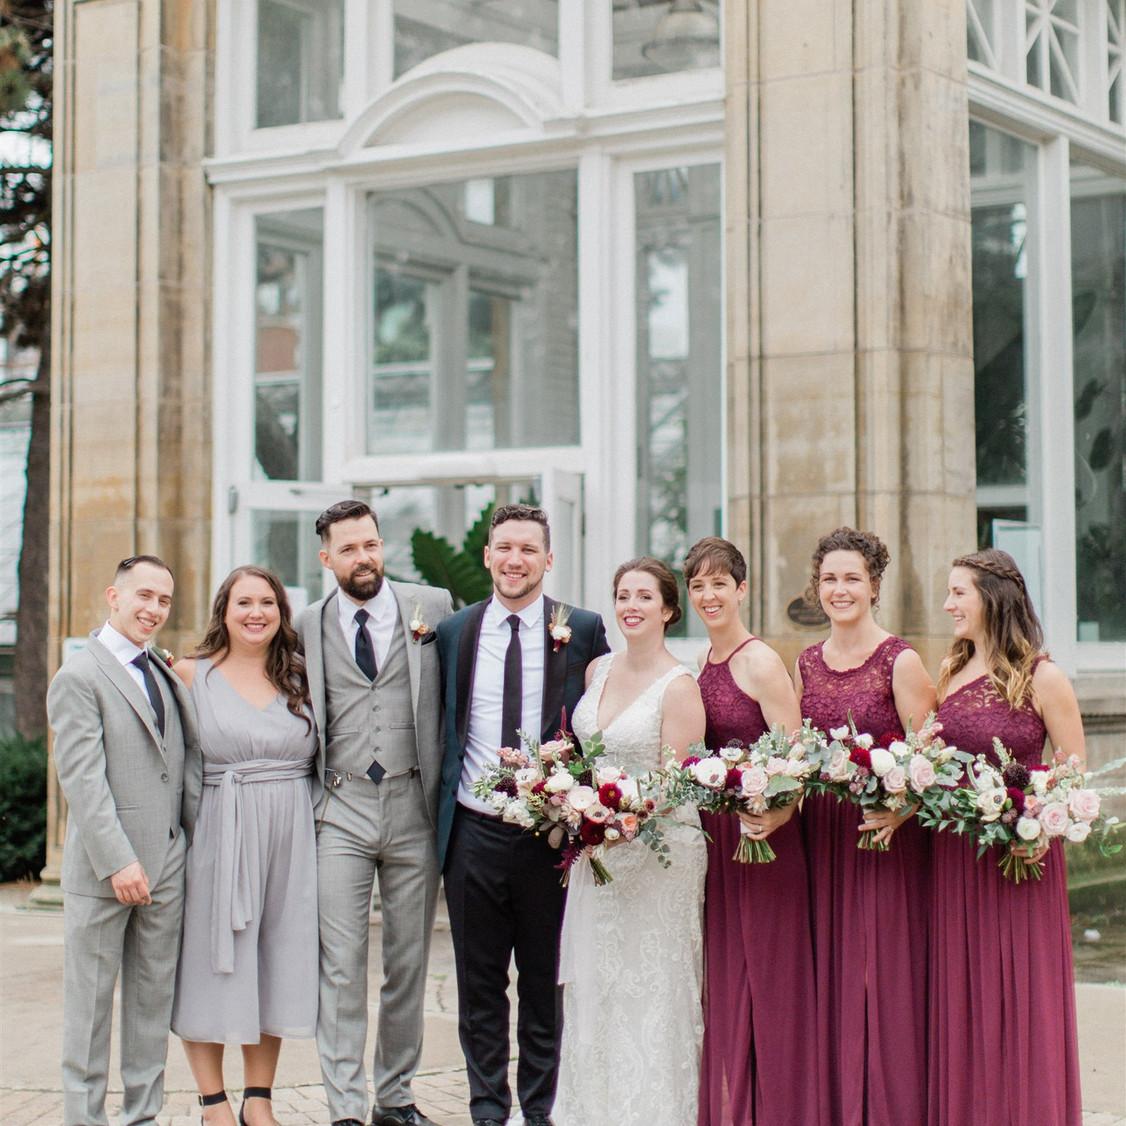 Rebecca & John Wedding 2019-255.jpg